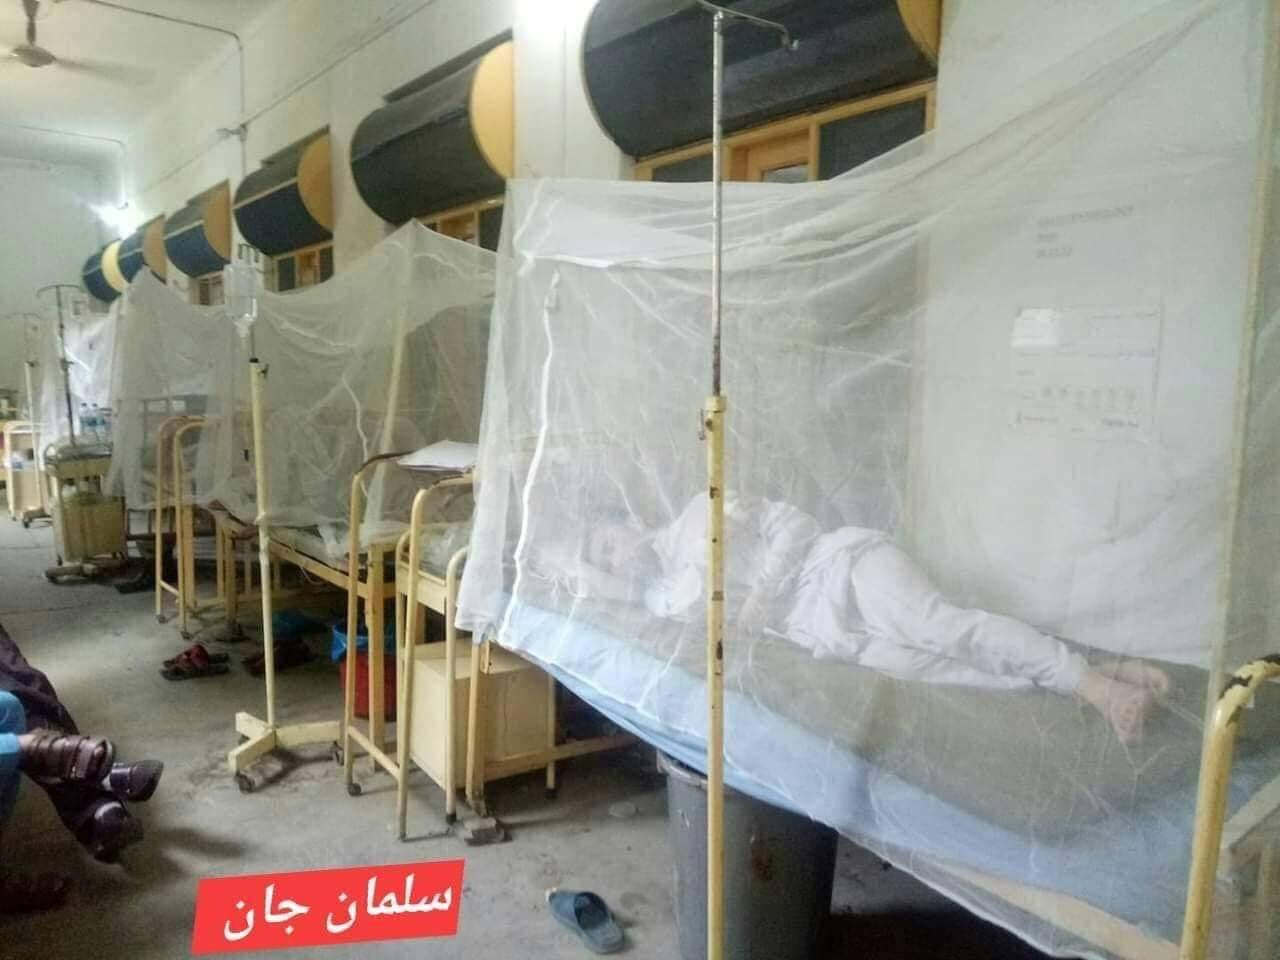 ڈینگی بخار وباء بن گئی،سوات میں سیکڑوں افراد ڈینگی کا شکار